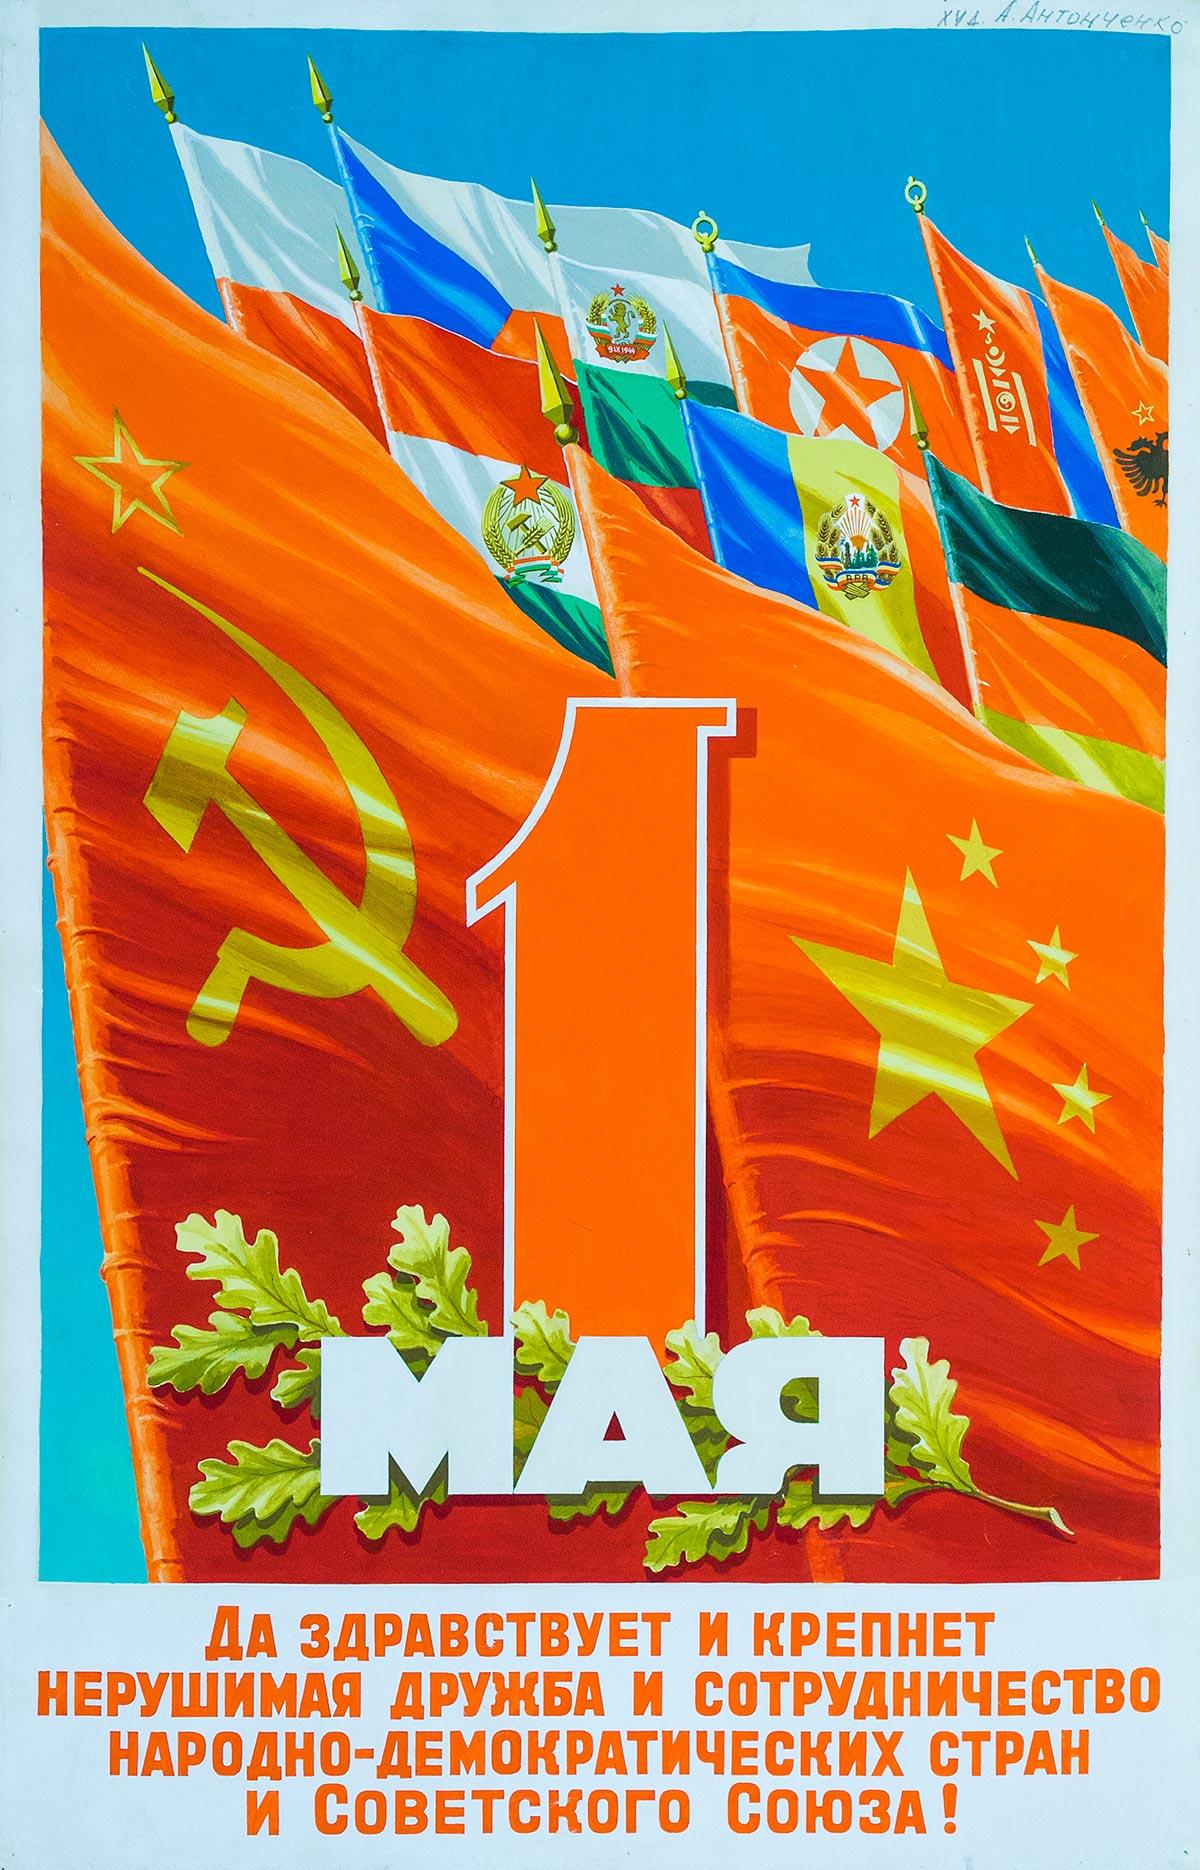 1 мая. Да здравствует и крепнет нерушимая дружба и сотрудничество народно-демократических стран и Советского Союза!